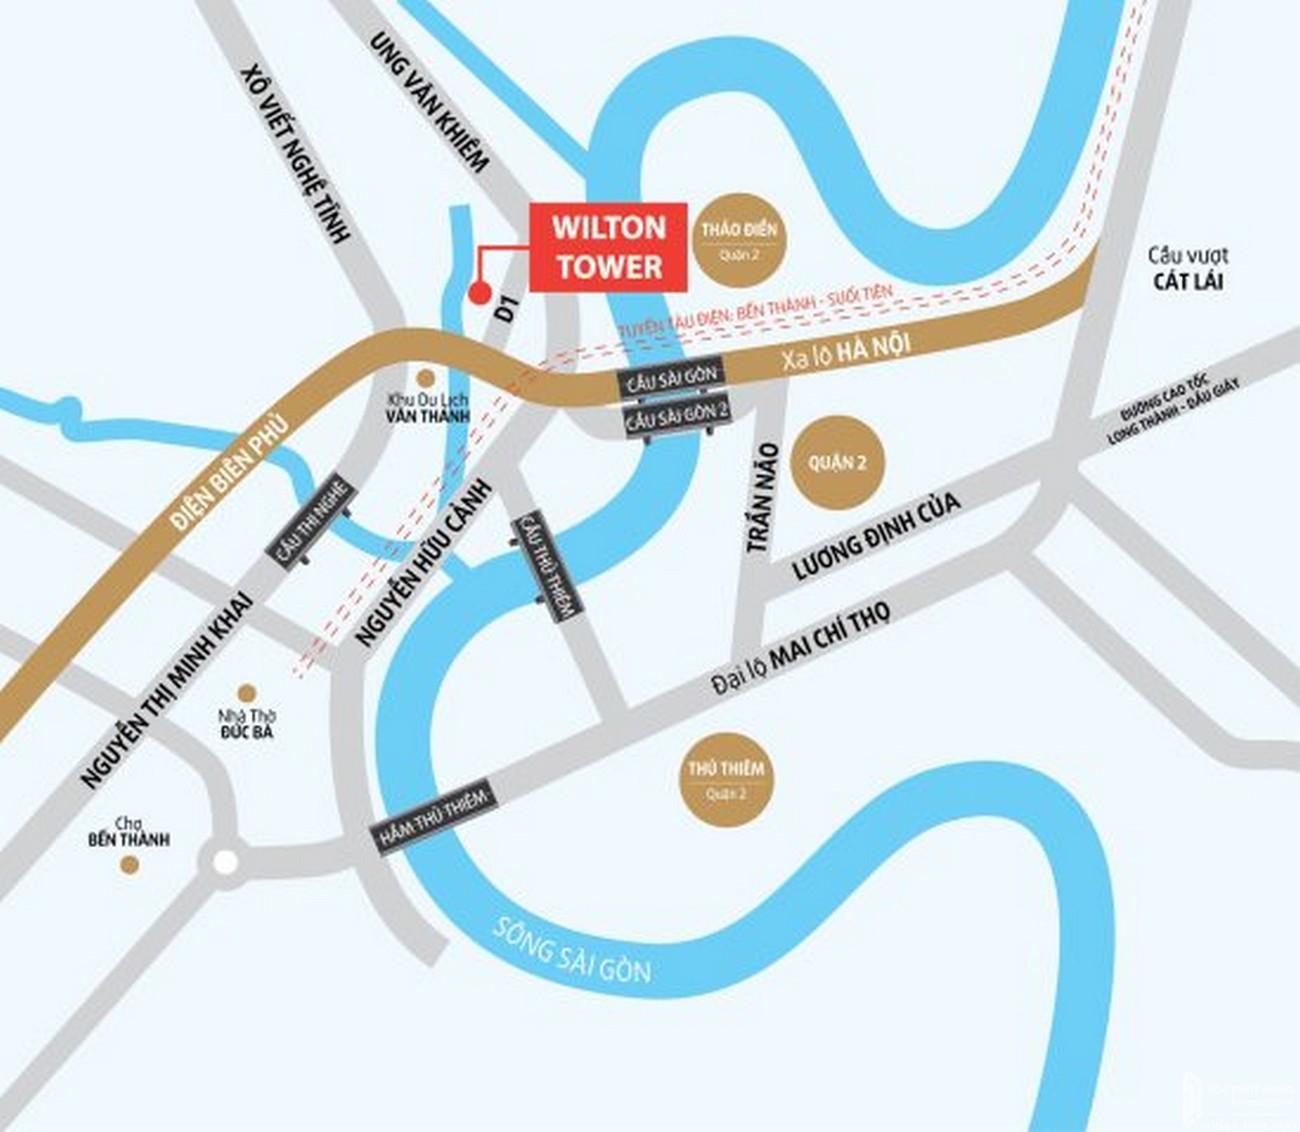 Vị trí địa chỉ dự án căn hộ chung cư Wilton Tower Bình Thạnh Đường 71/3 Nguyễn Văn Thương chủ đầu tư Novaland